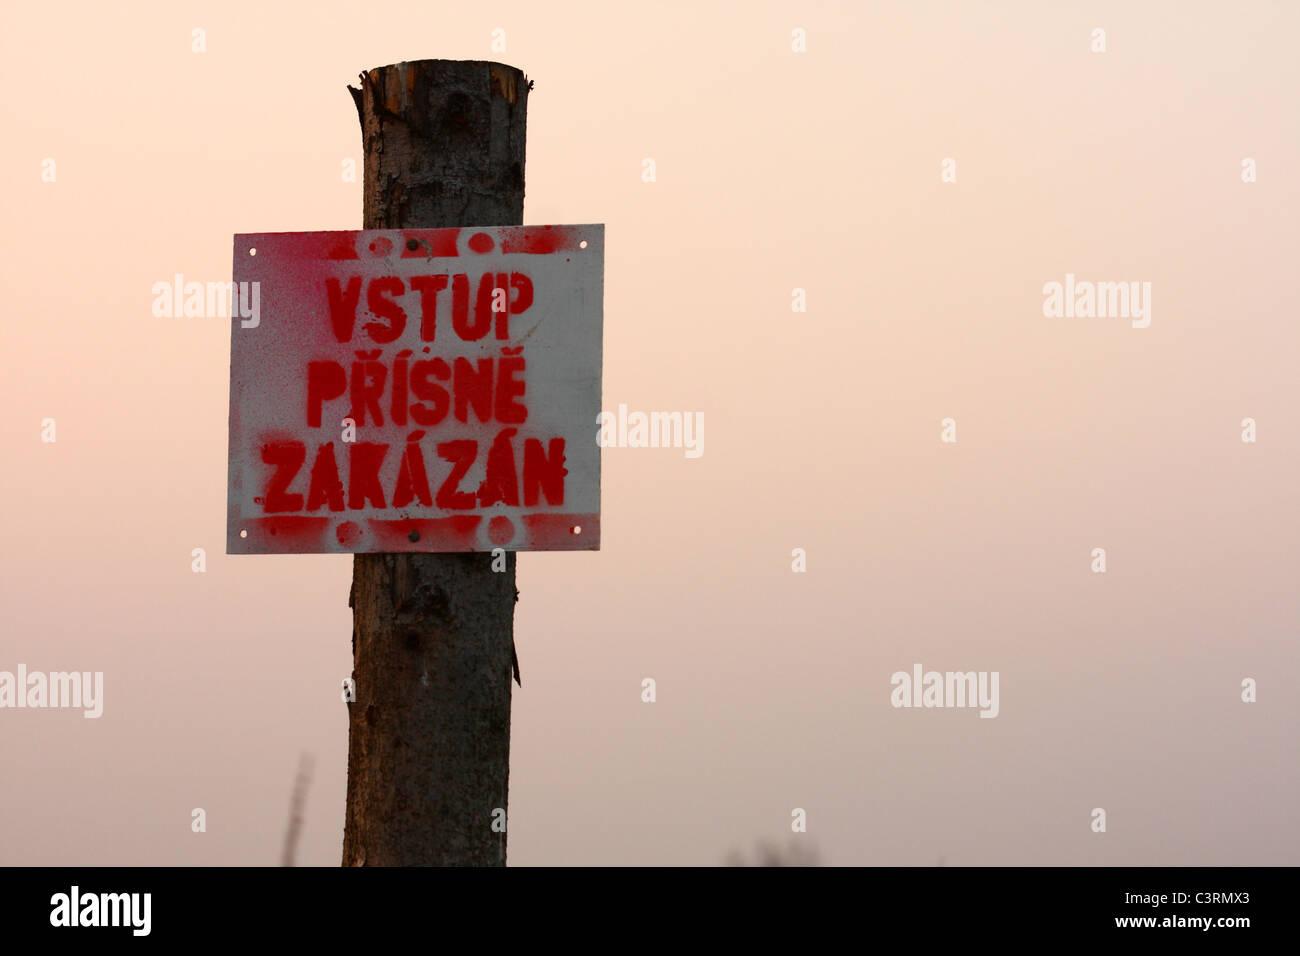 Czech sign 'Vstup přísně zakázán' (NO ENTRY) - Stock Image